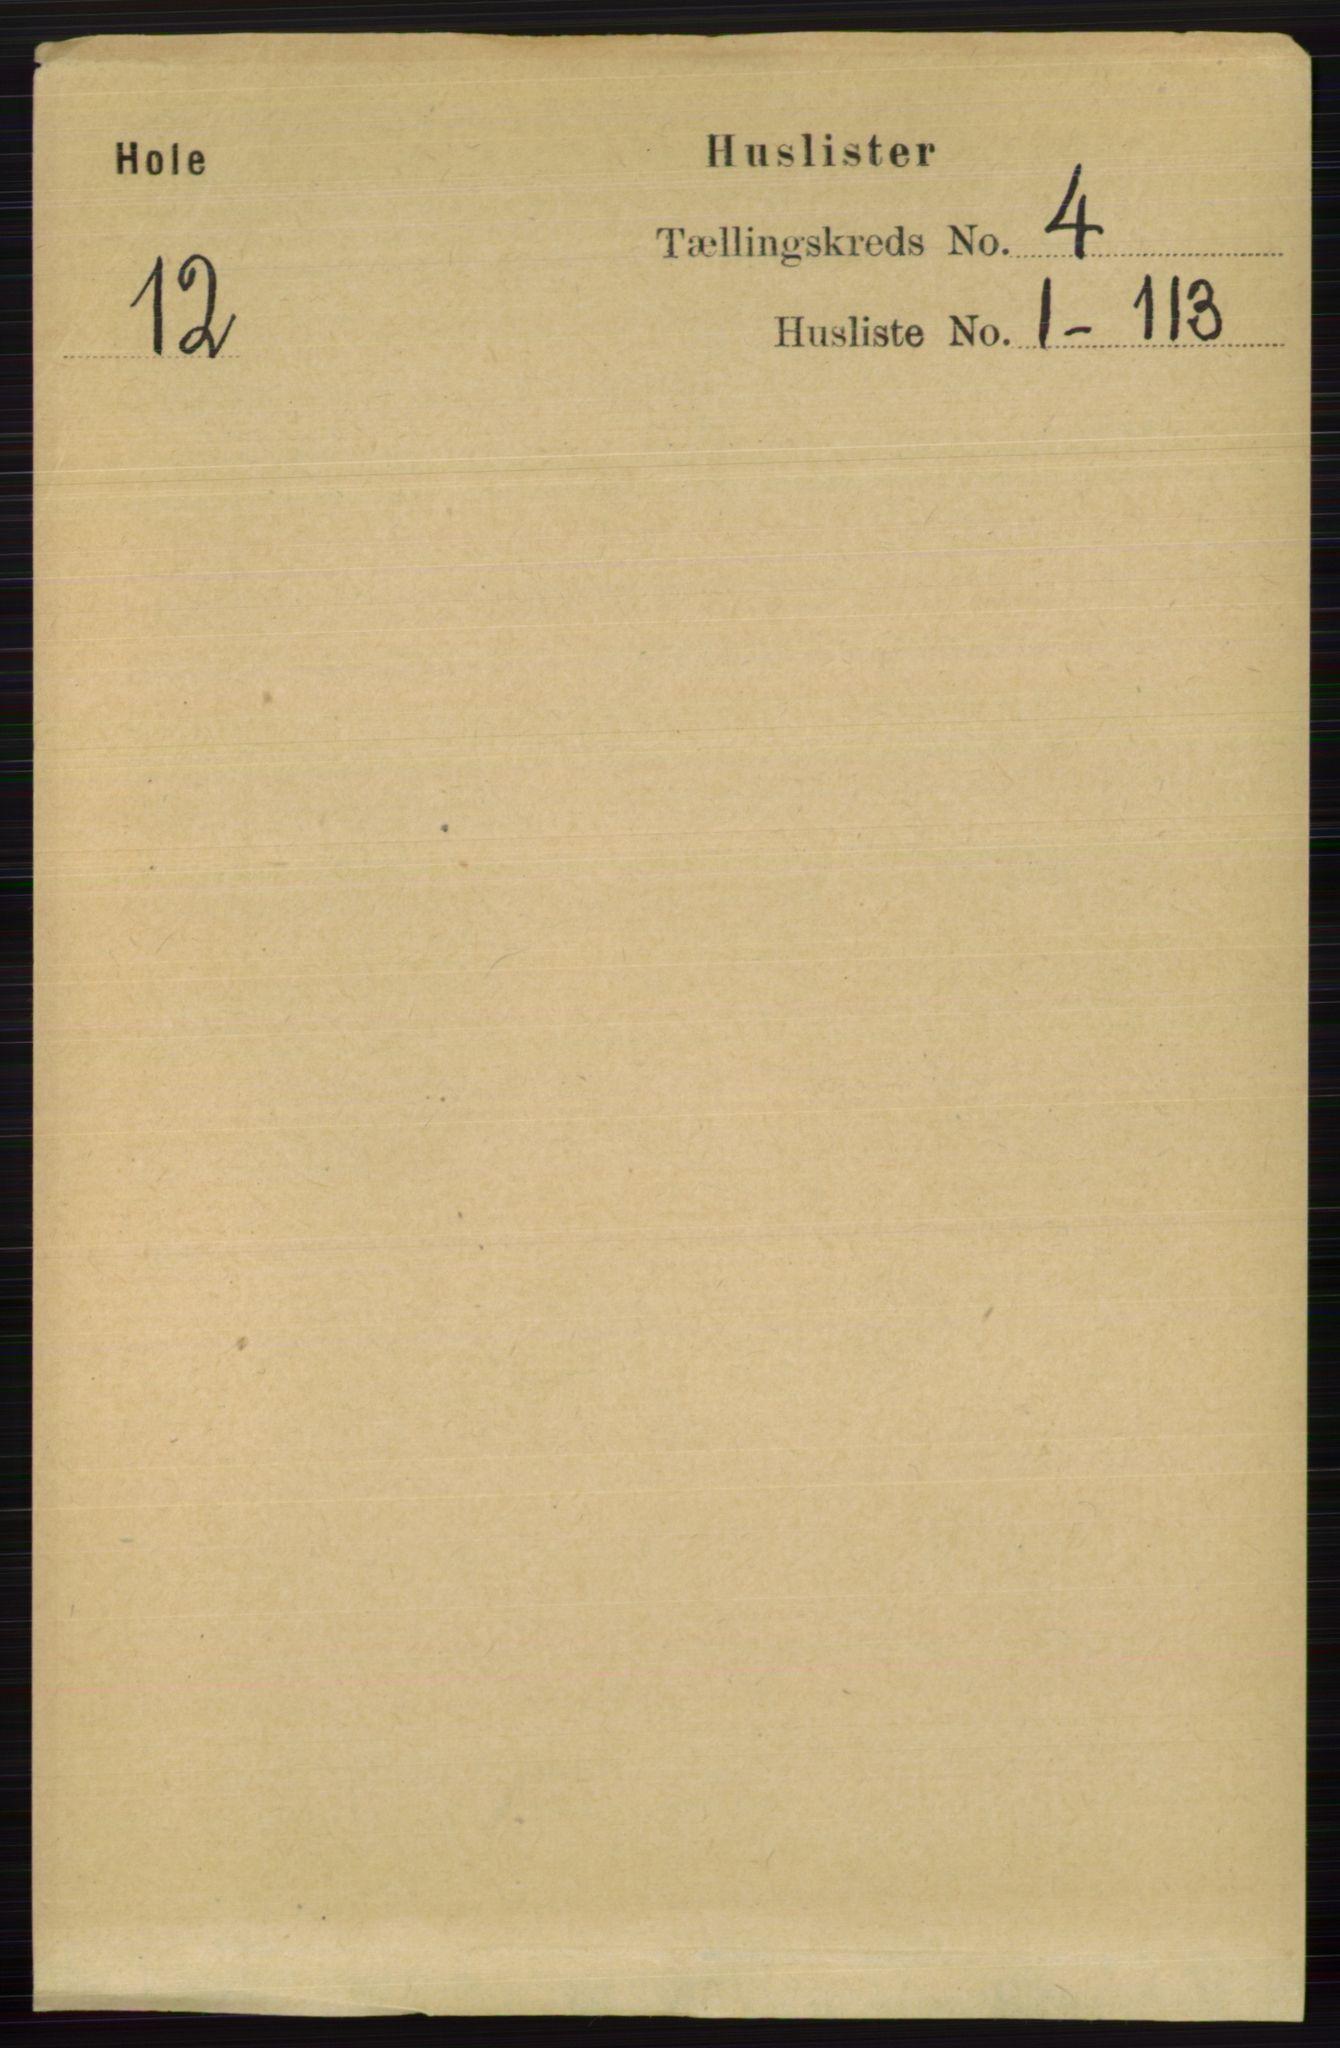 RA, Folketelling 1891 for 0612 Hole herred, 1891, s. 1731